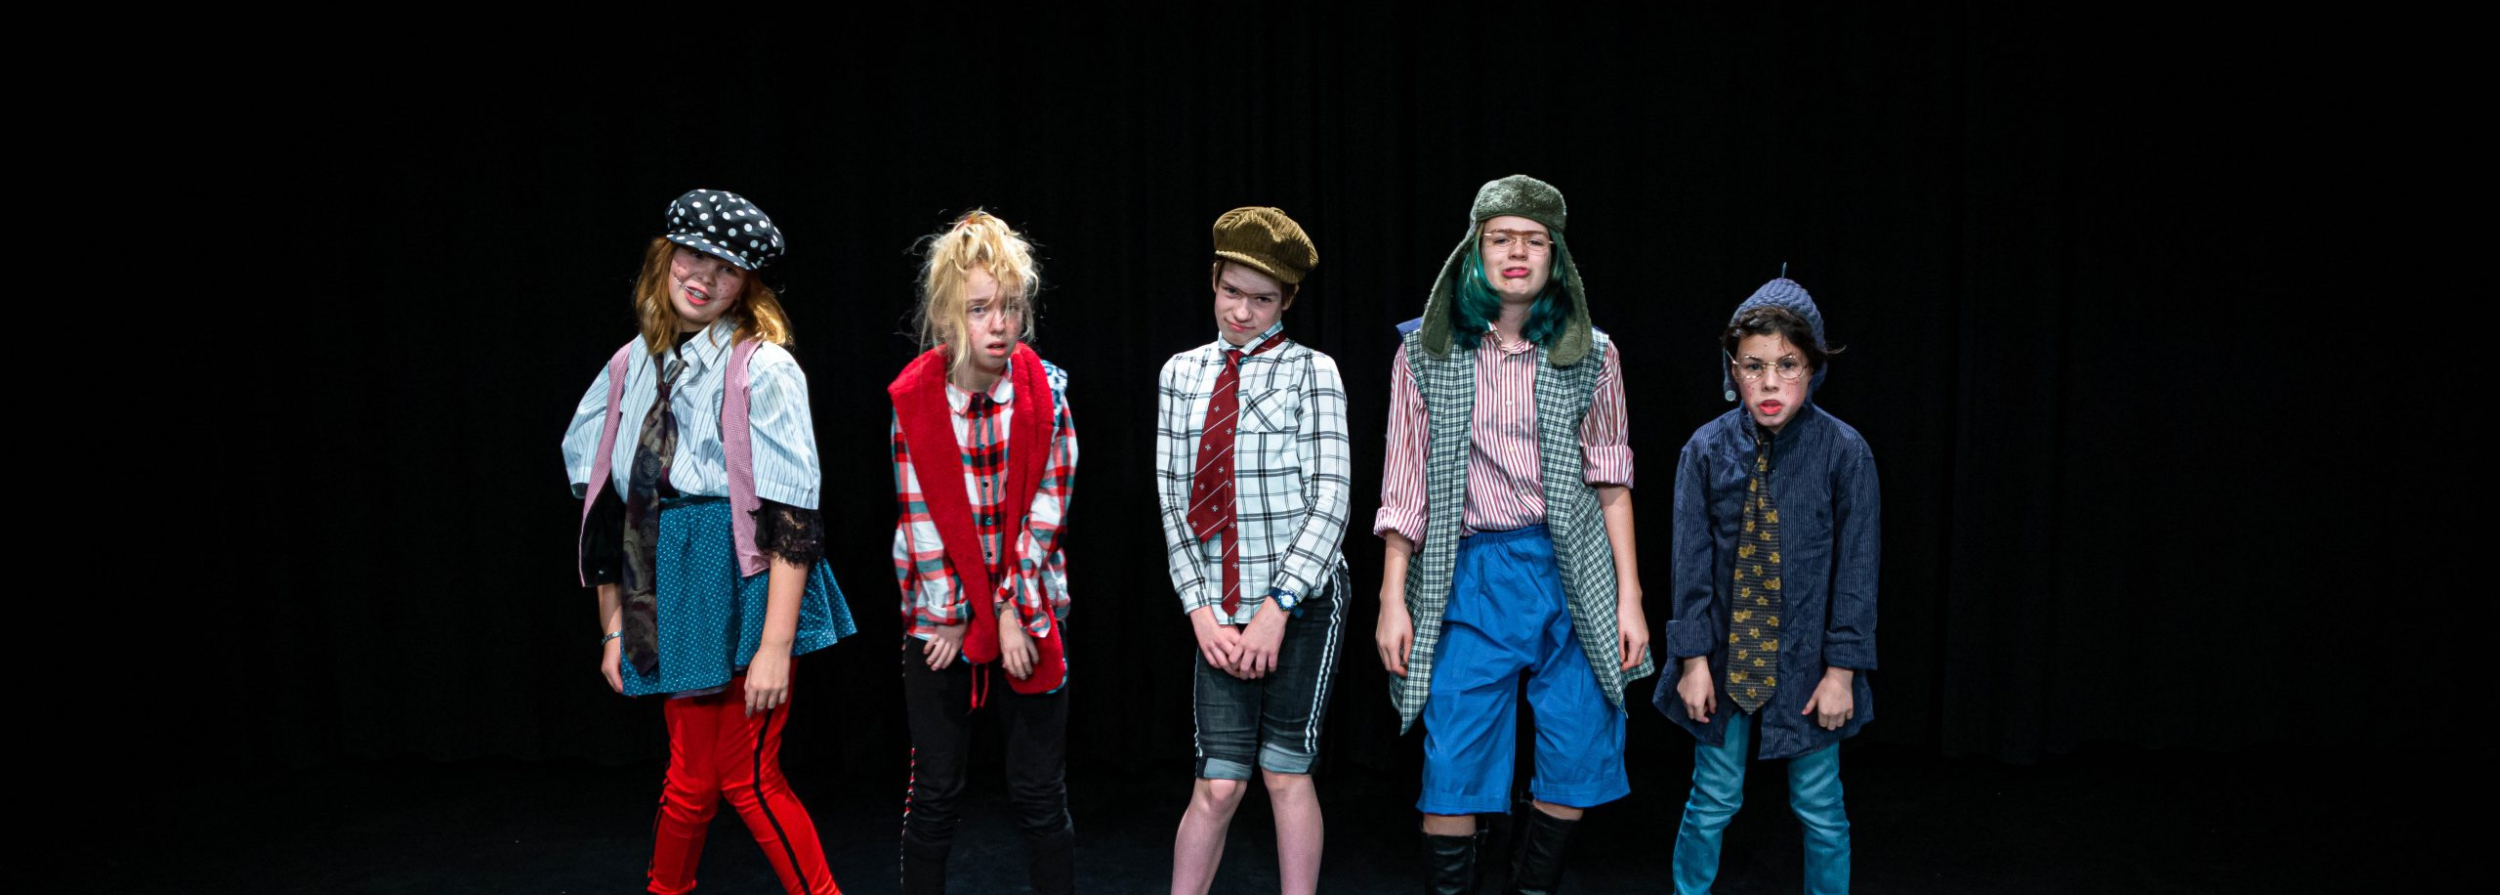 Toneelles en musicalles volg je natuurlijk bij Pitboel Art School! Wij leren je performen.